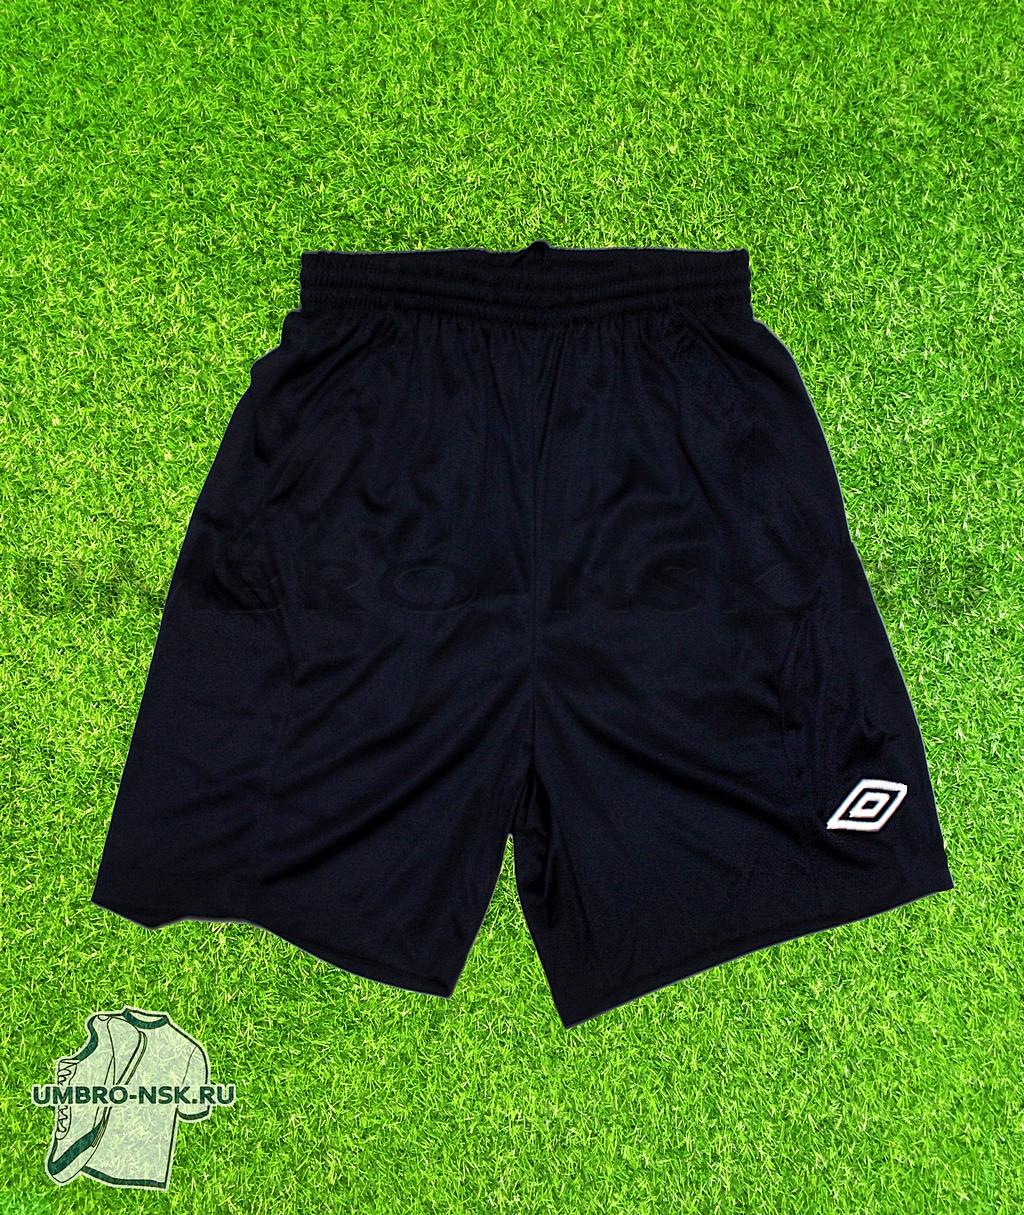 Купить шорты Umbro Premier Poly Short 320211 в интернет-магазине